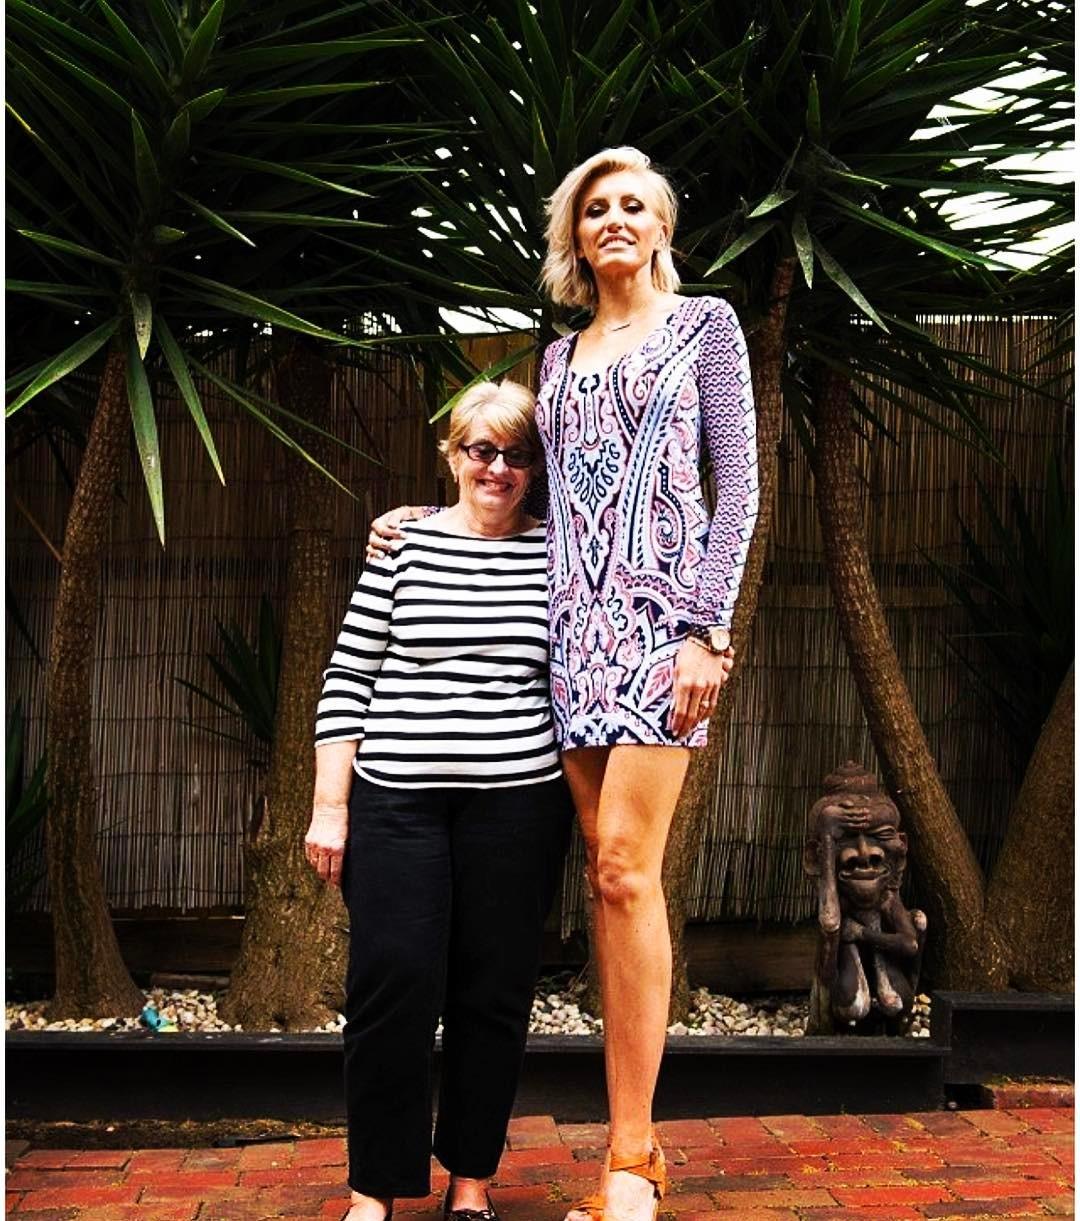 キャロラインアーサーは世界一の脚長!wiki経歴や結婚した旦那は?オーストラリア美女画像!【アンビリバボー】